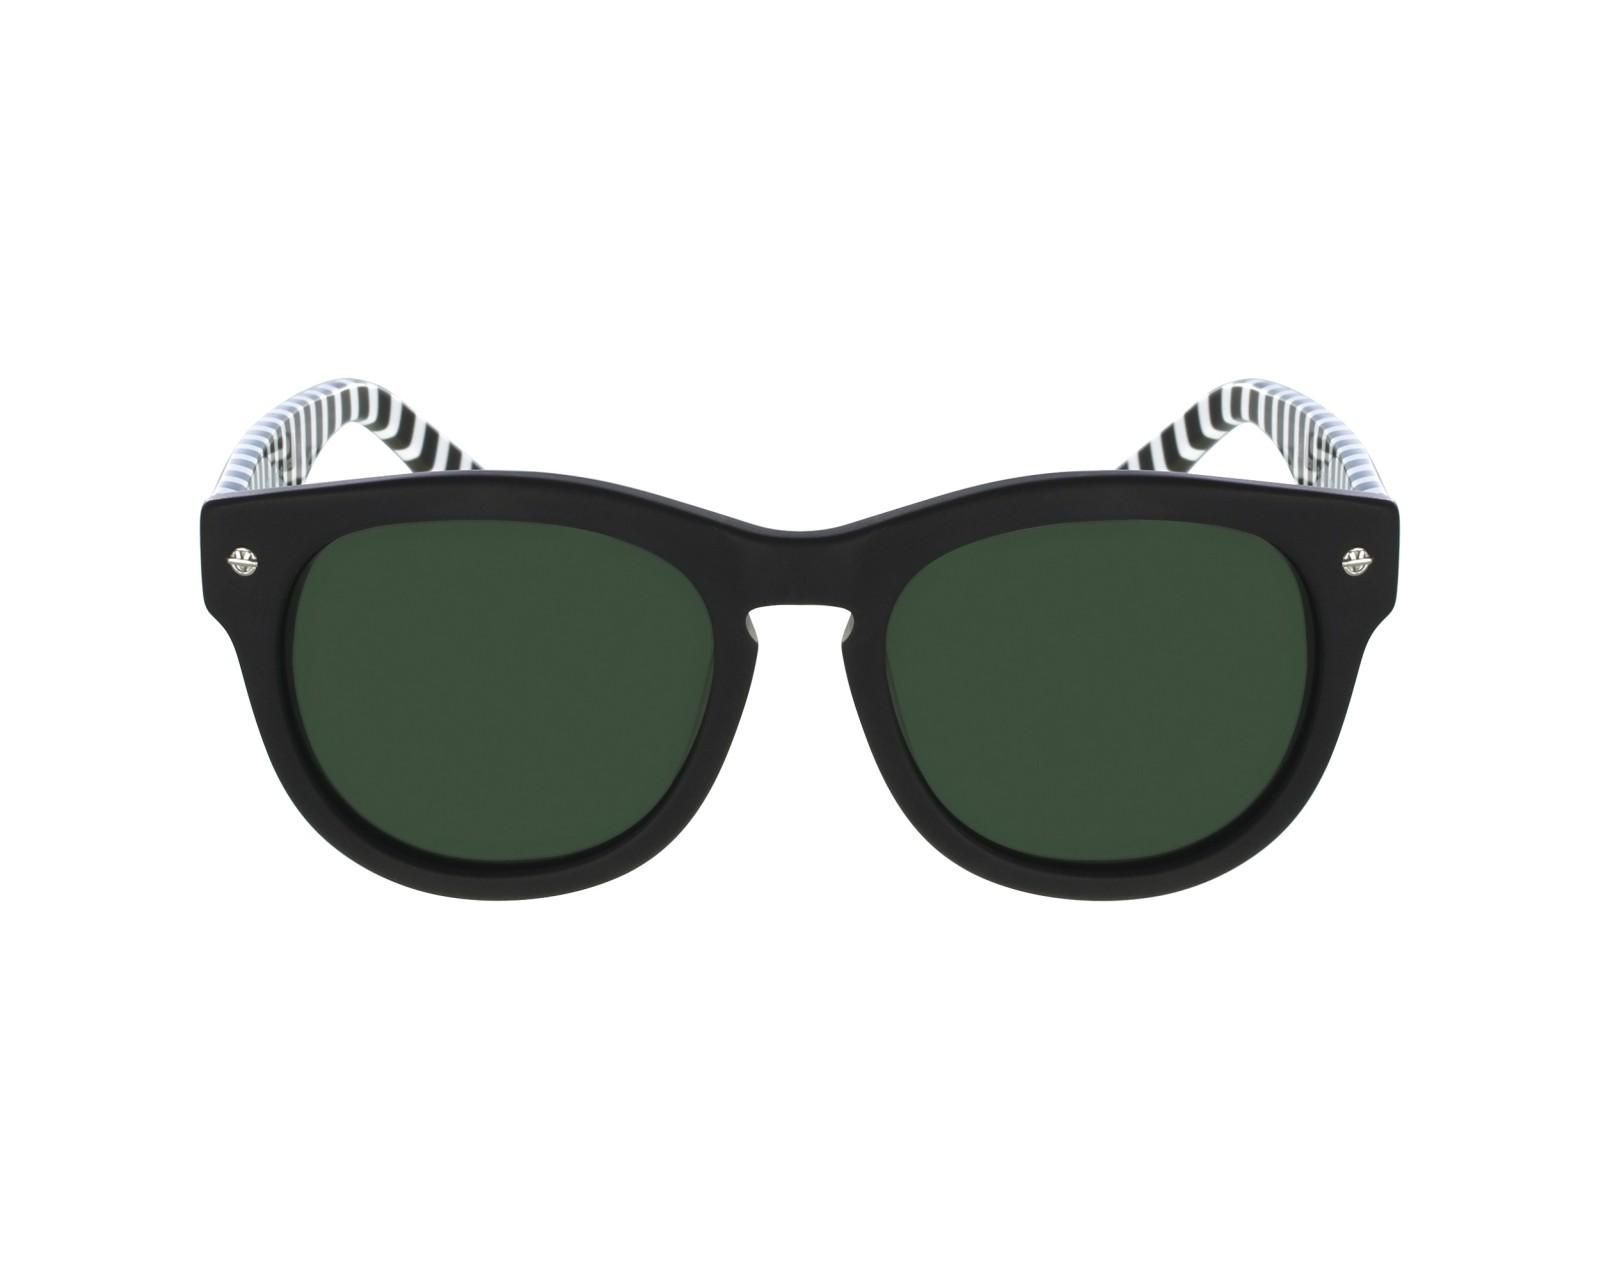 Lunettes de soleil vuarnet vl 1504 0002 noir avec des verres gris vert - Verre lunette raye assurance ...